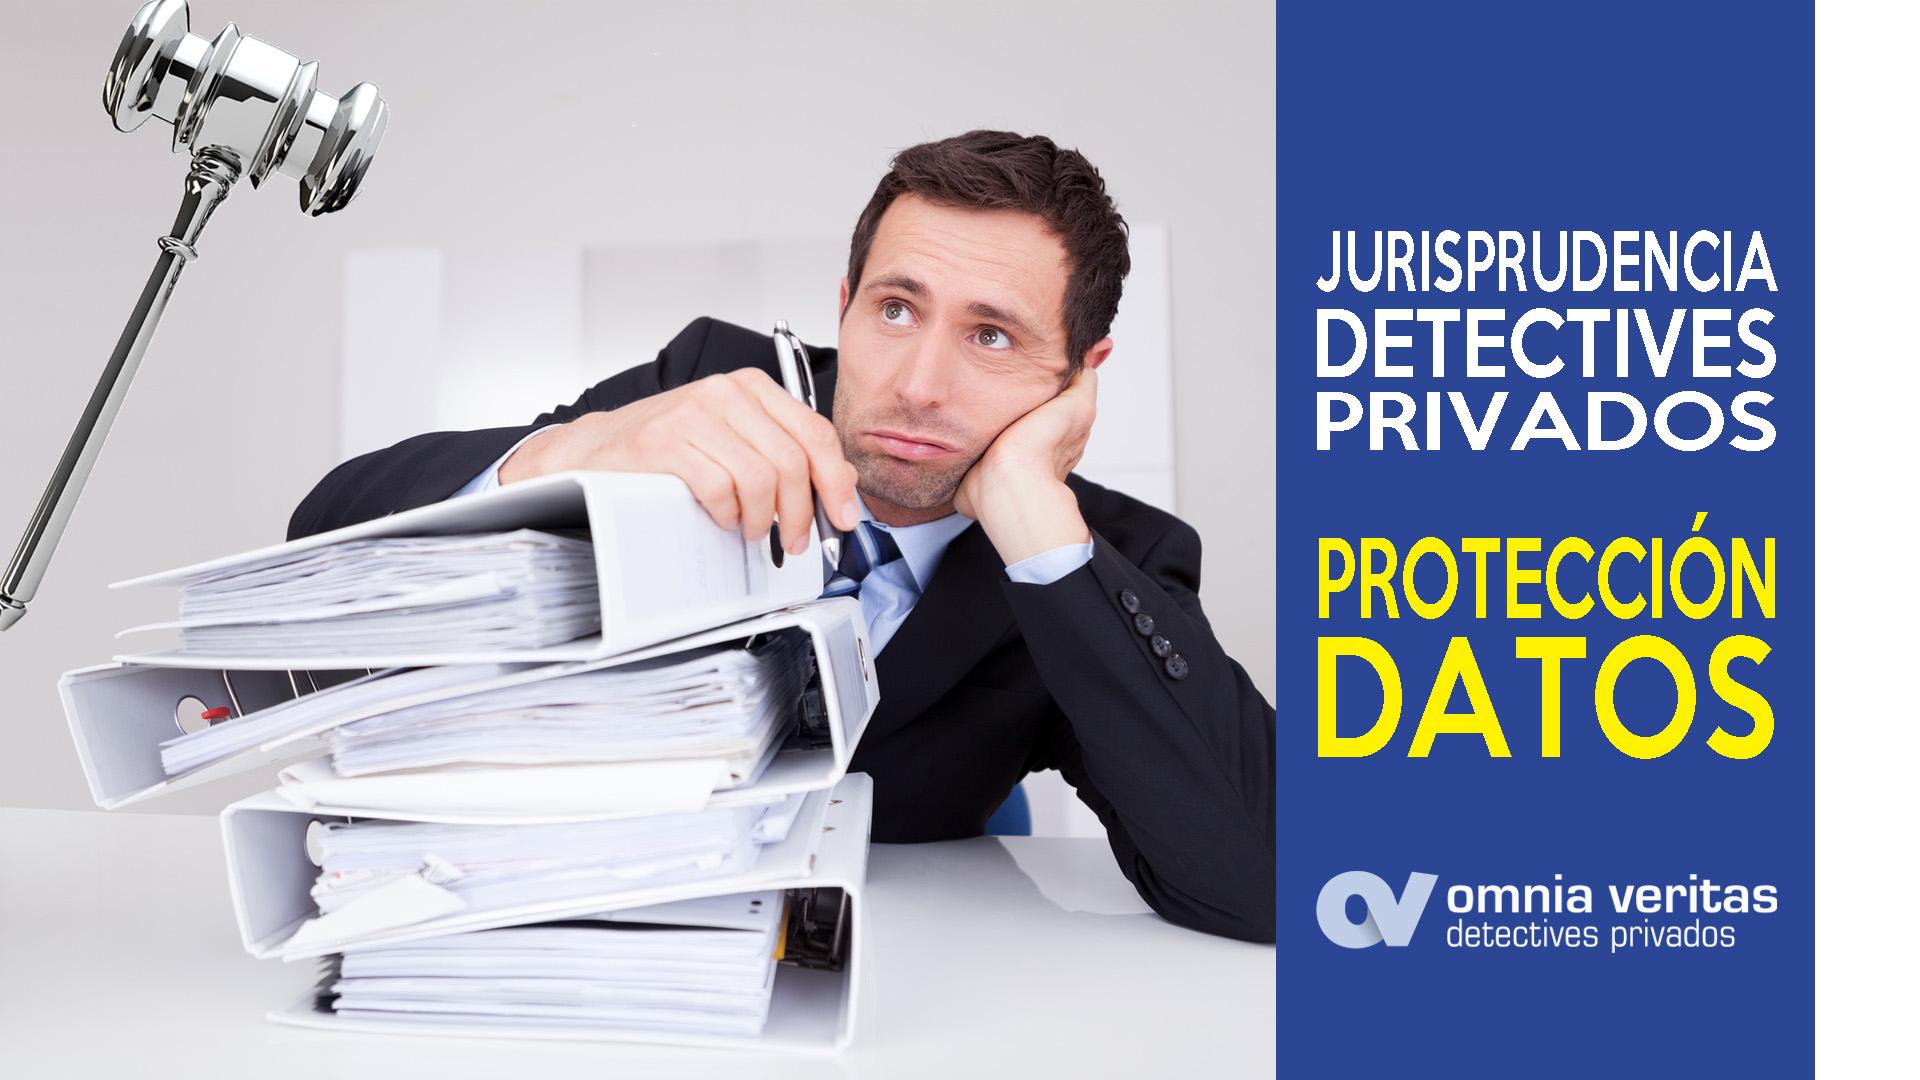 Detectives y Ley de Proteccion de Datos